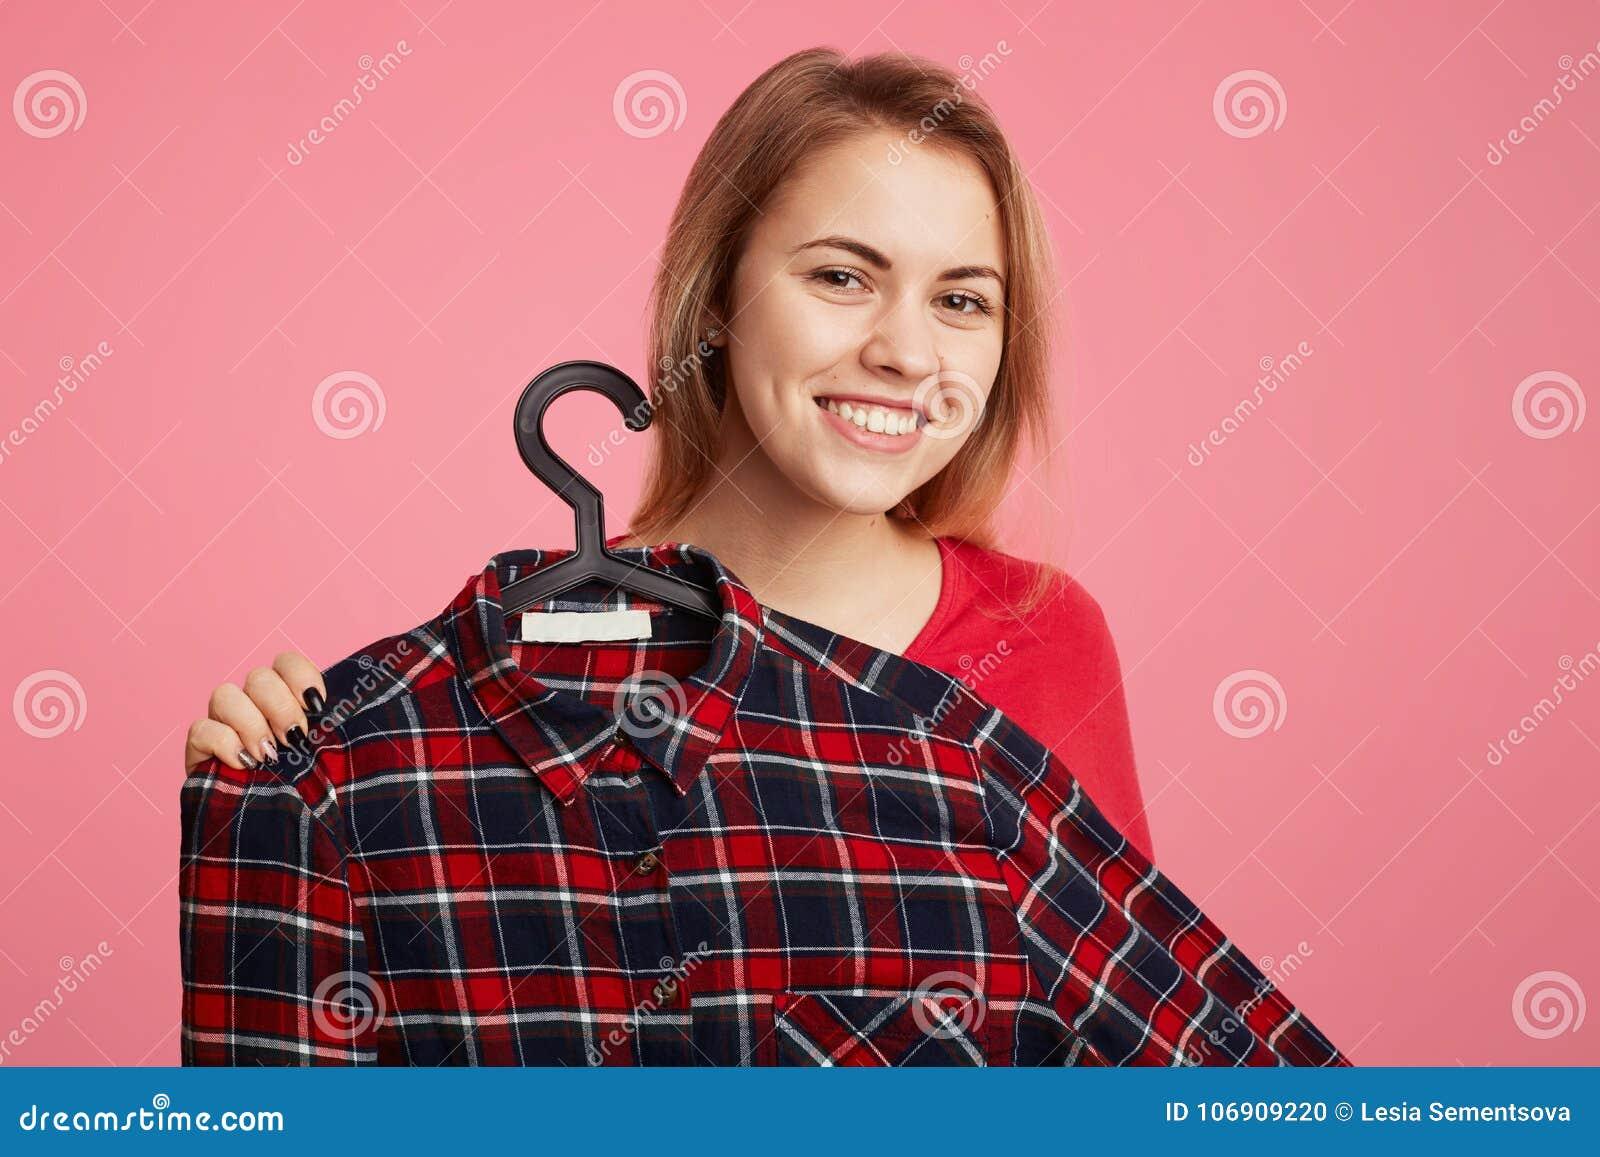 Pozytywna rozochocona młoda kobieta reklamuje modną w kratkę koszula na wieszakach, proponuje kupować je z niską ceną, sugeruje d